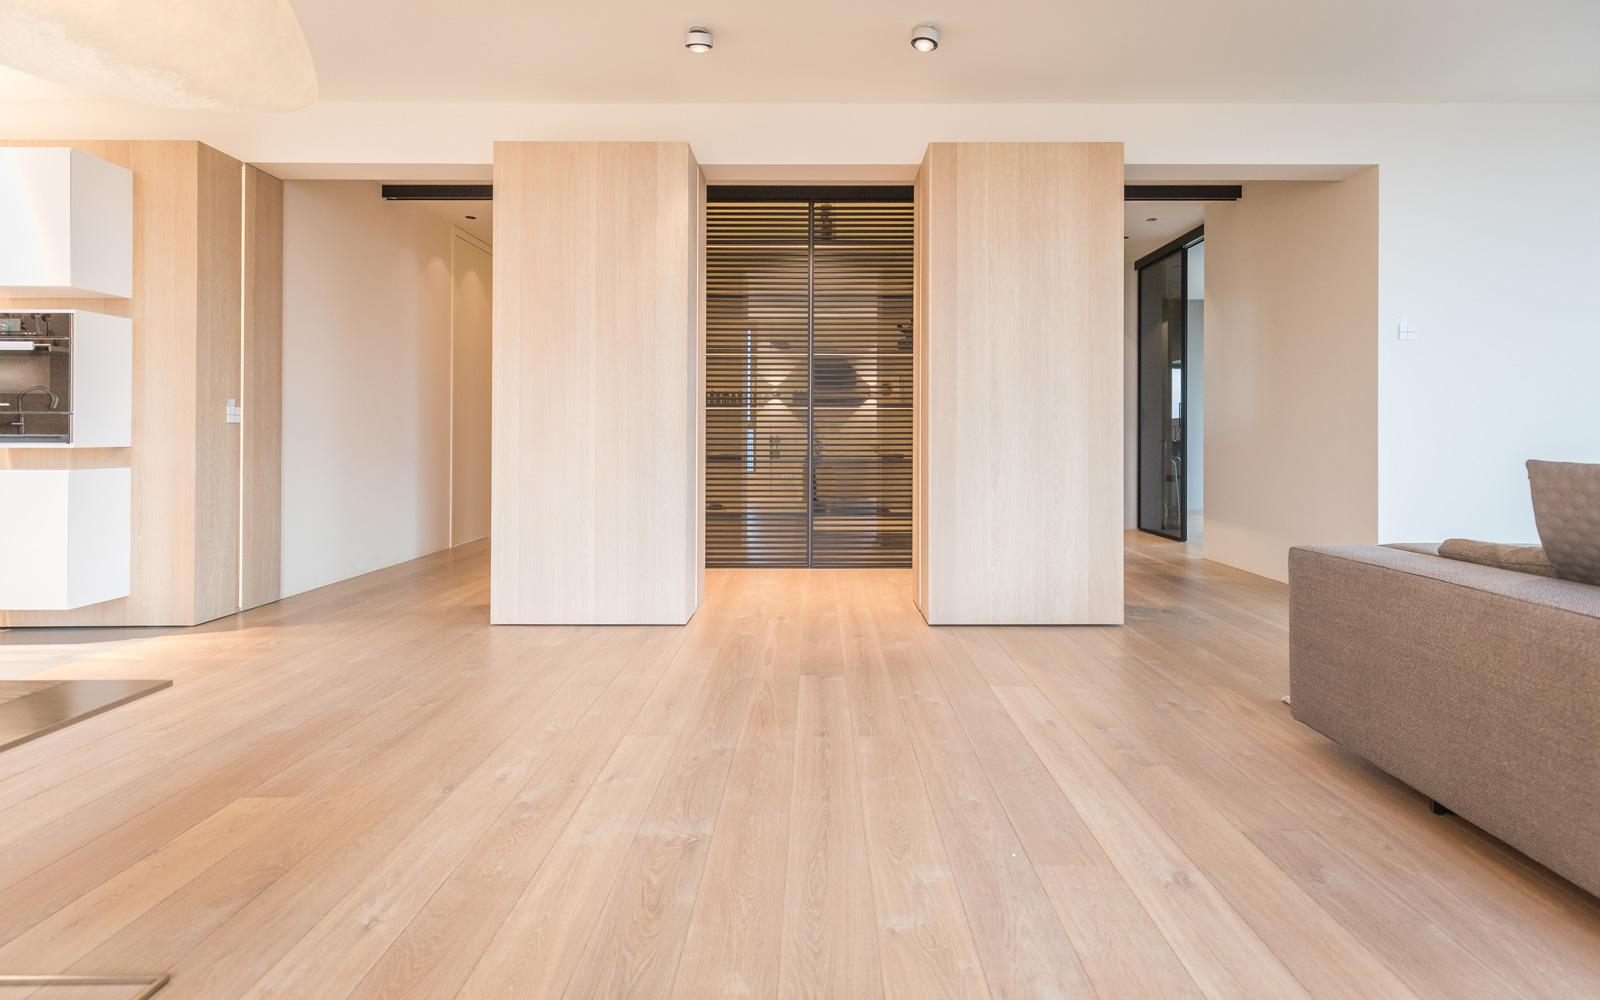 Bart van wijk amerikaans interieur the art of living nl